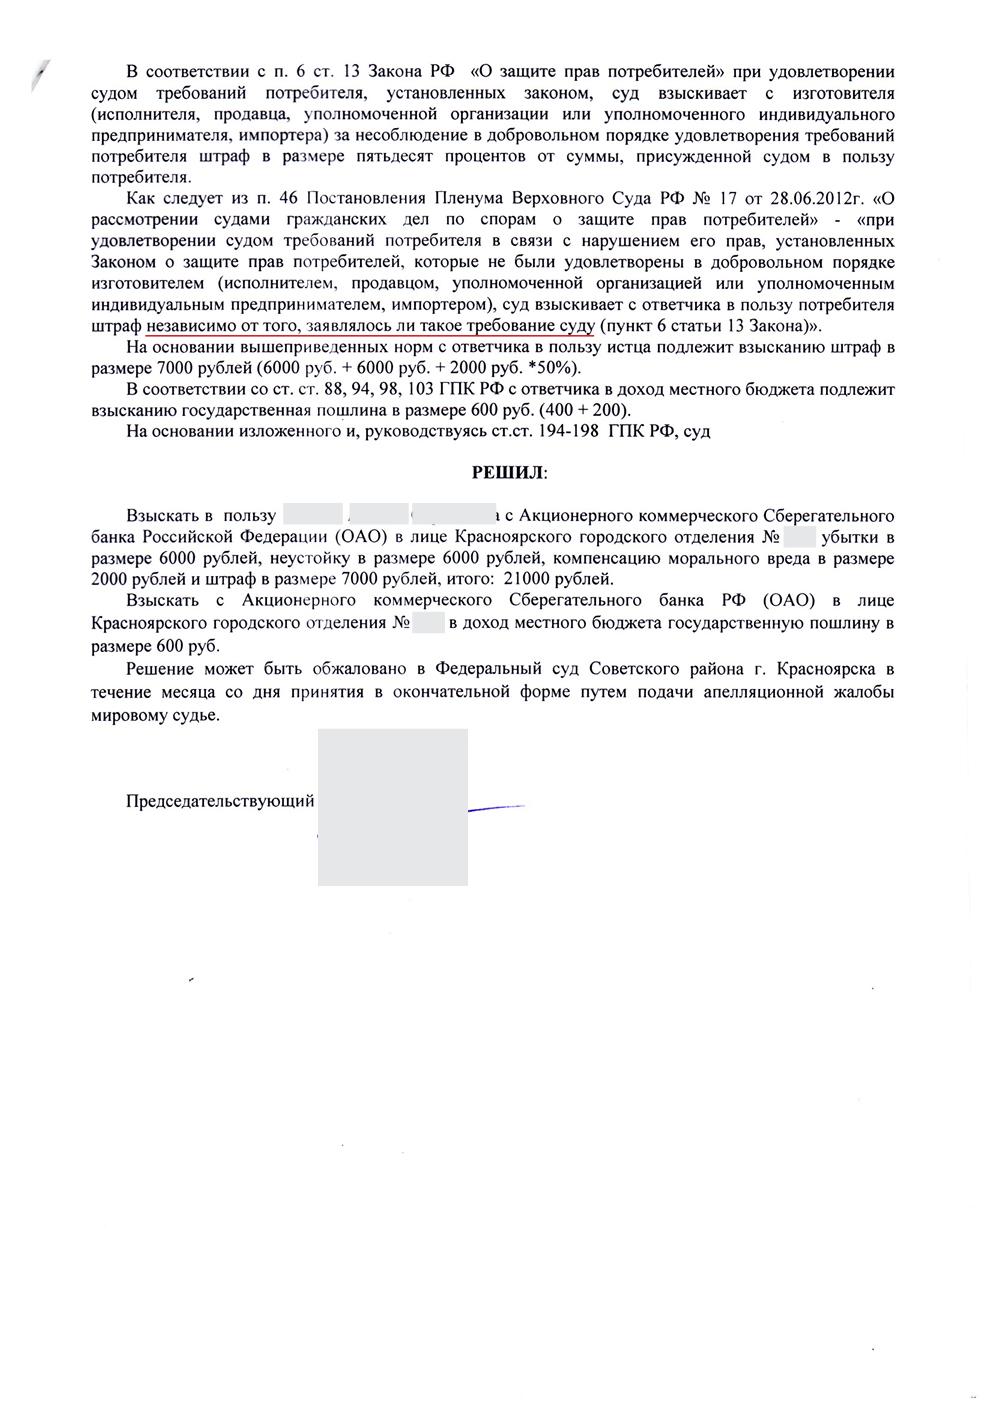 Заявление о спорной операции в банкомате сбербанка